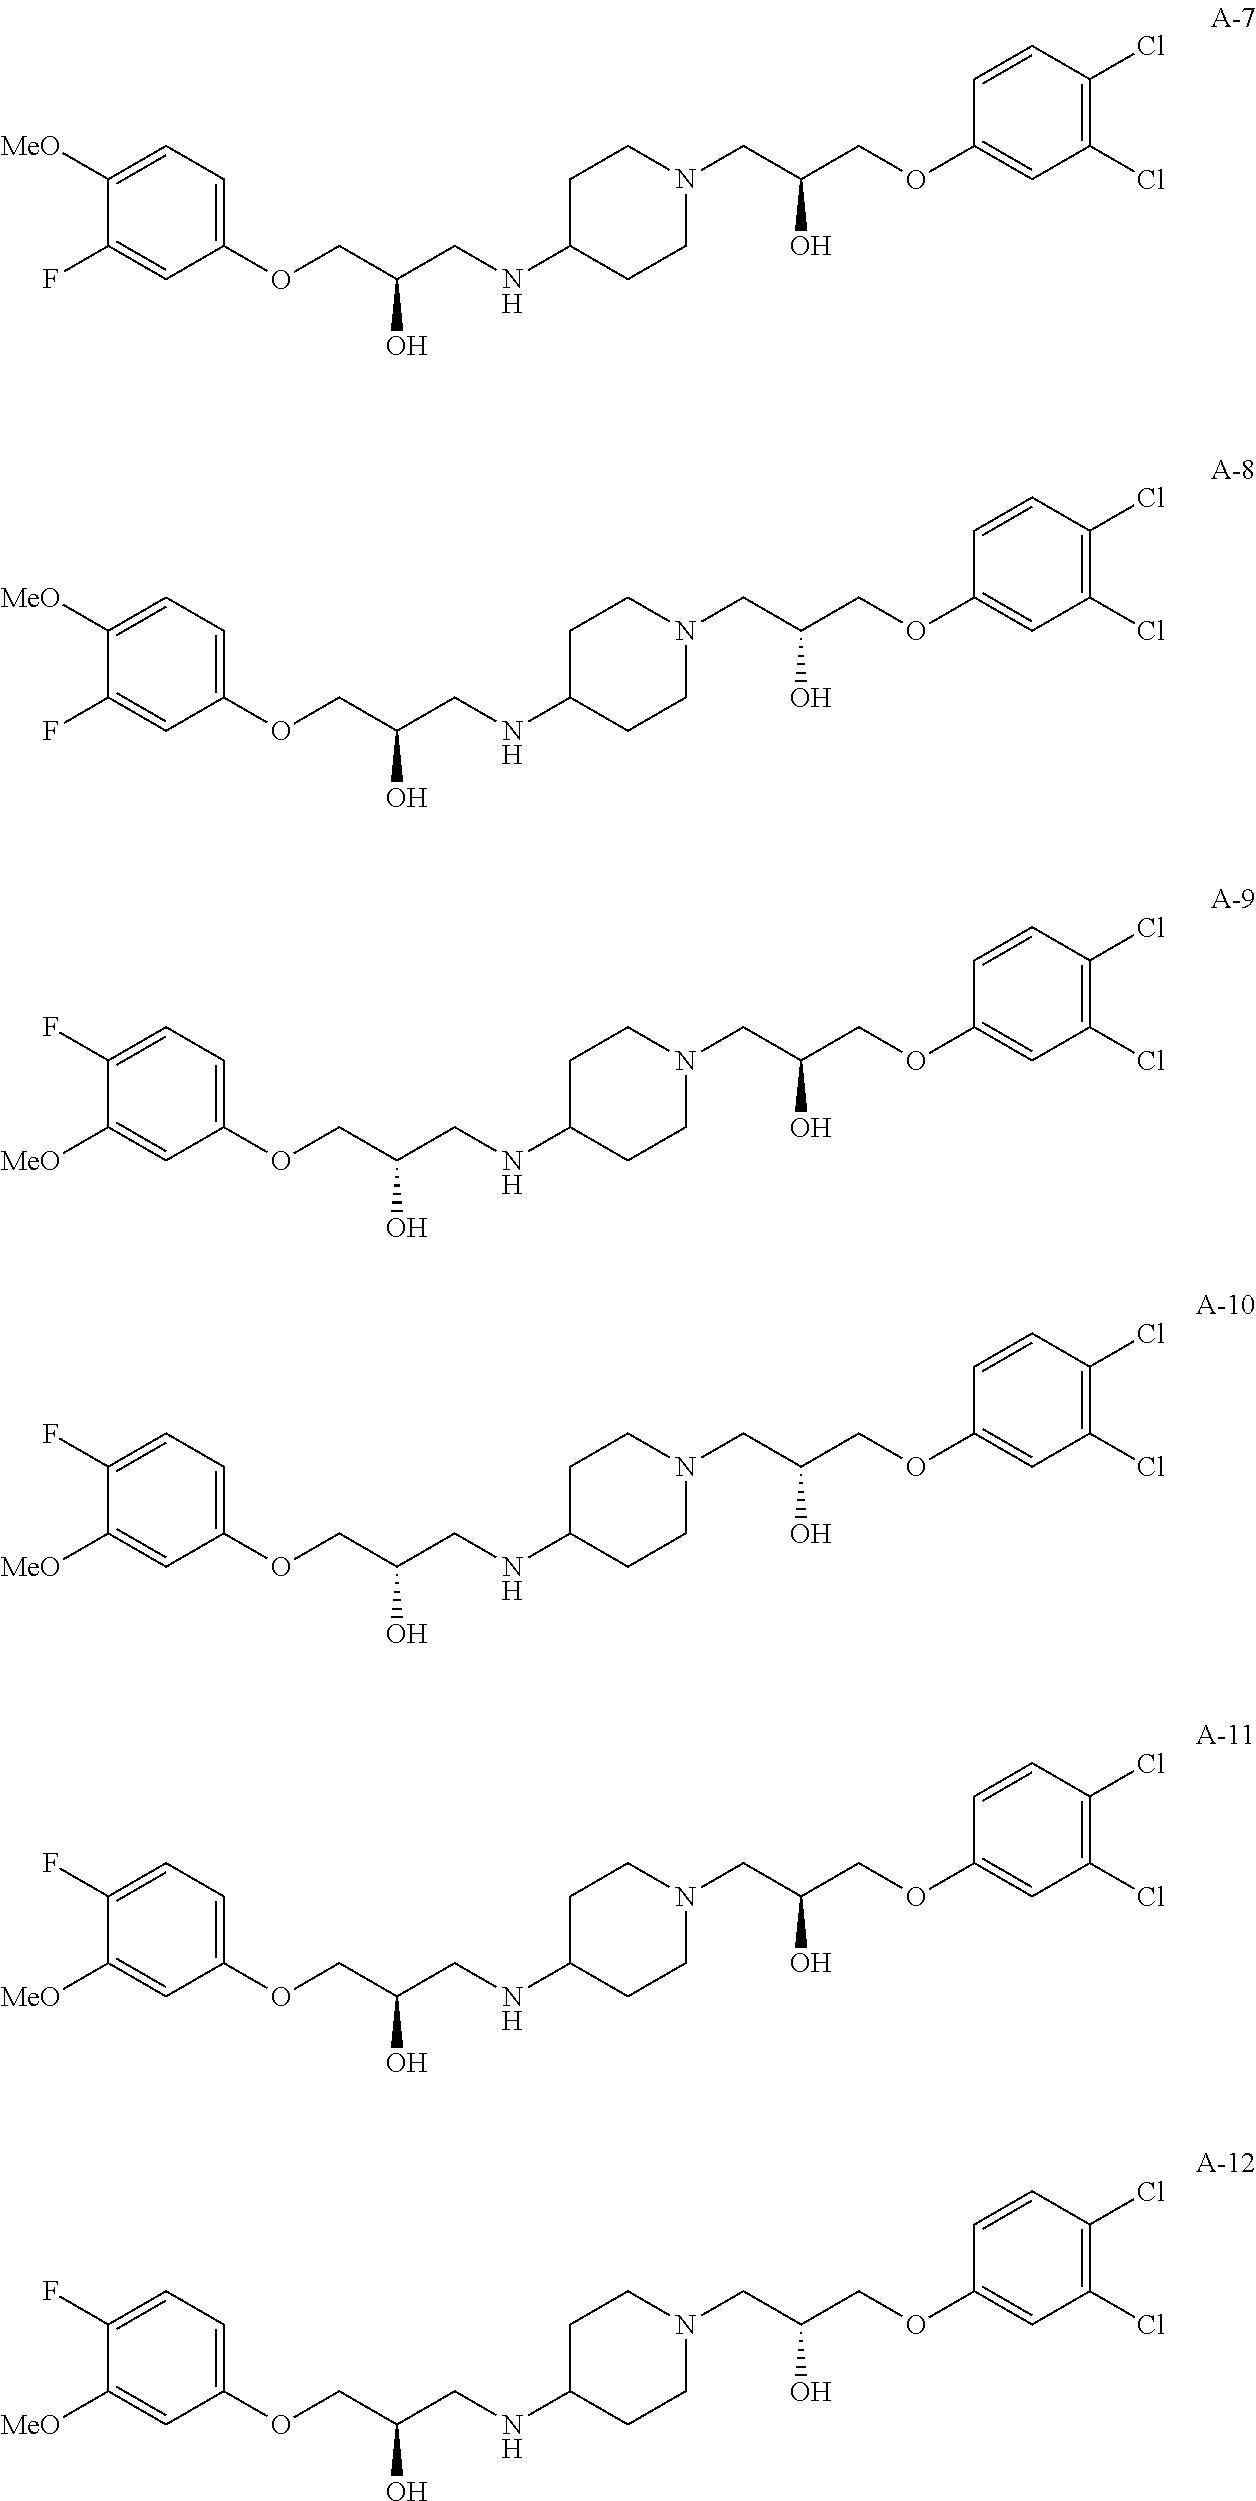 Figure US20190100493A1-20190404-C00006